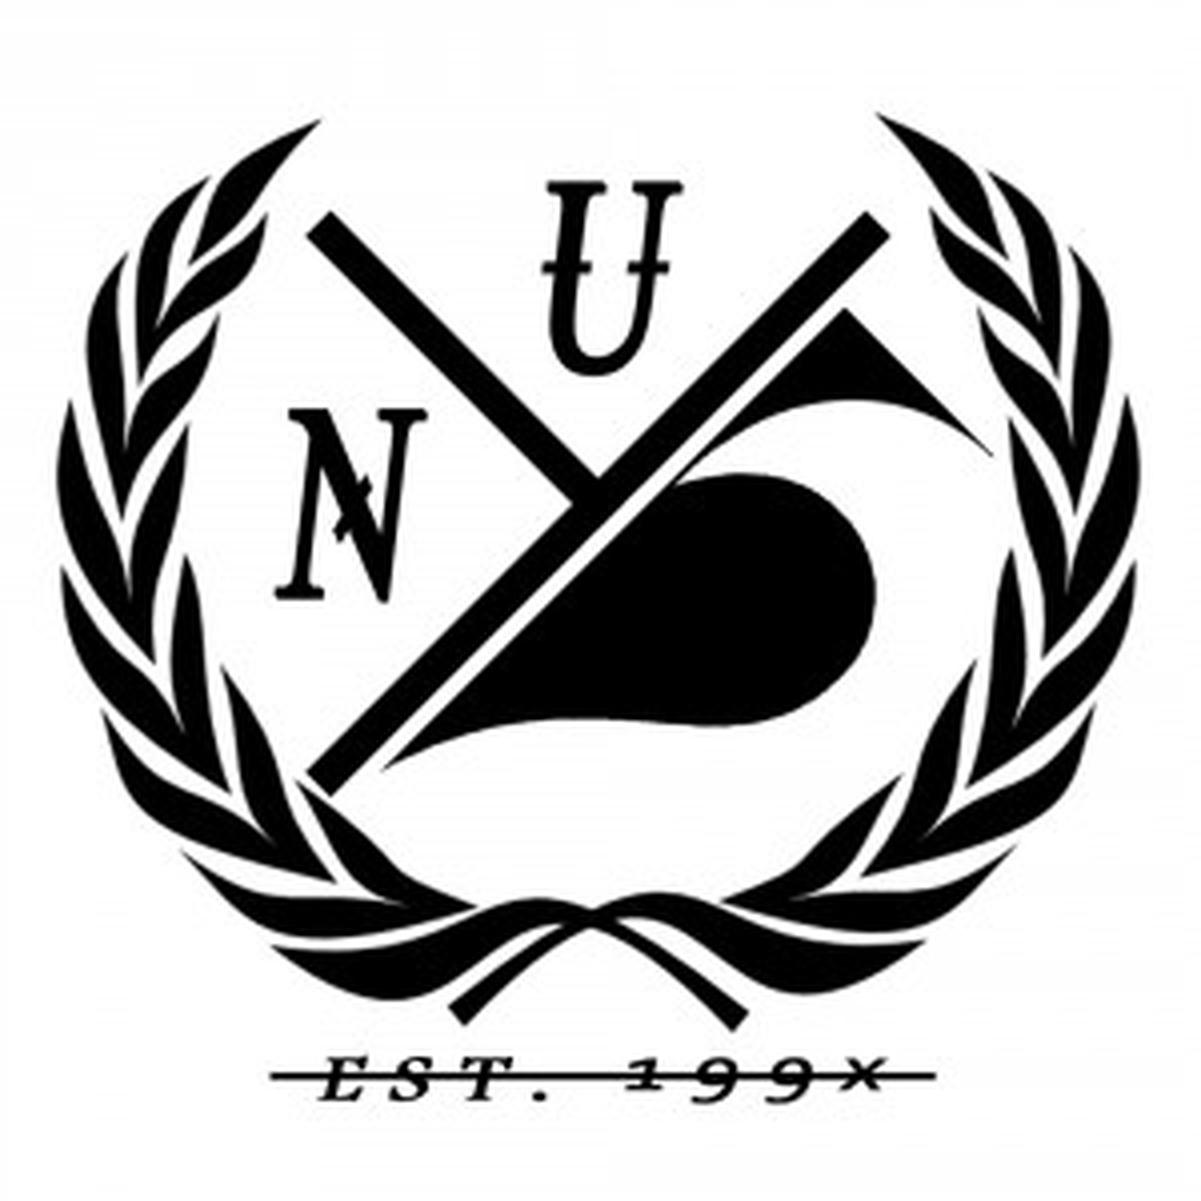 nuLOVE